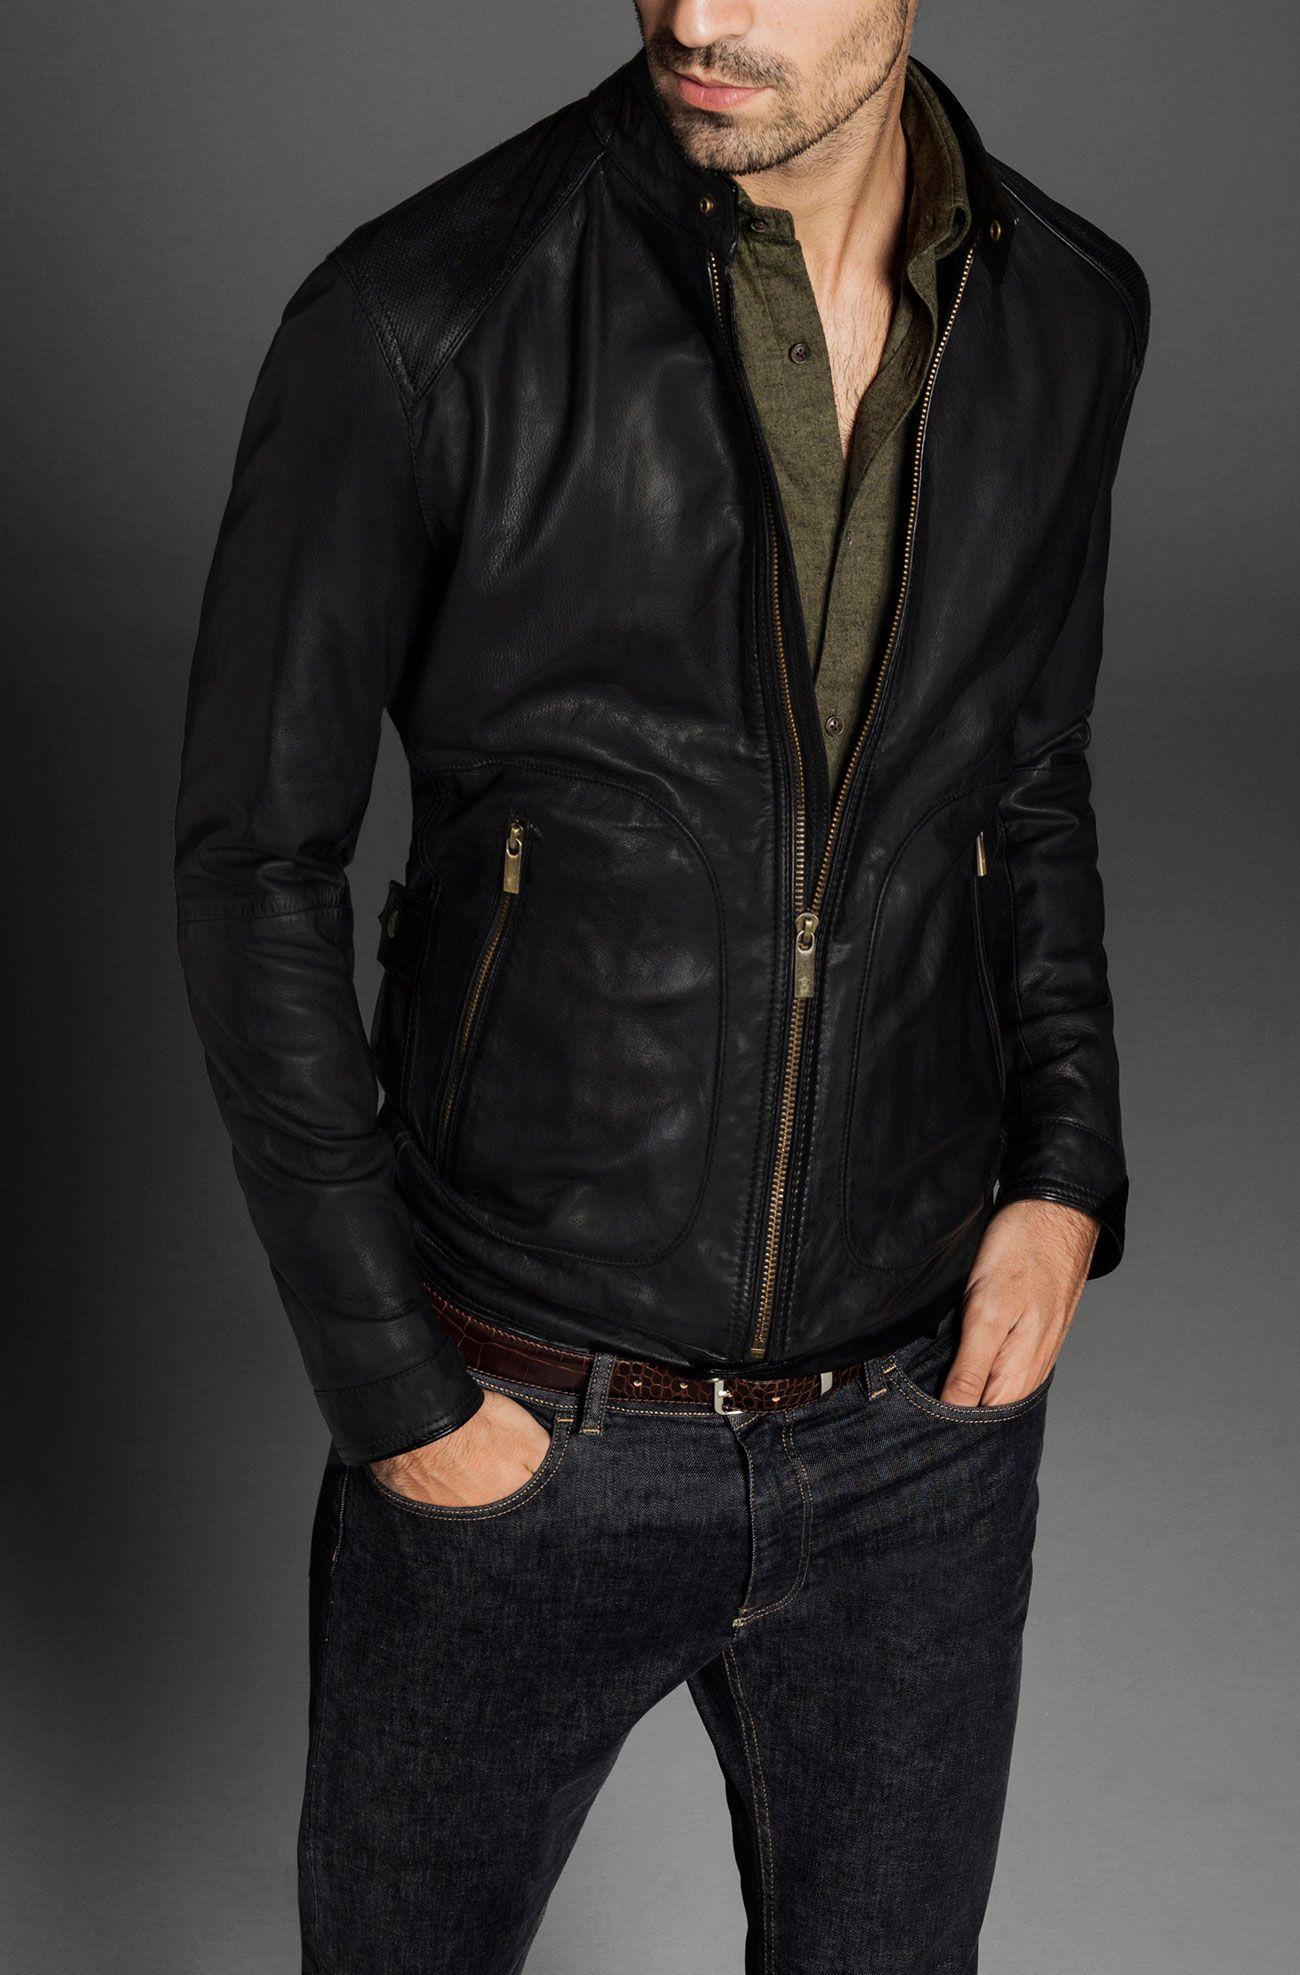 Black Leather Jacket Men Massimo Dutti Leather jacket